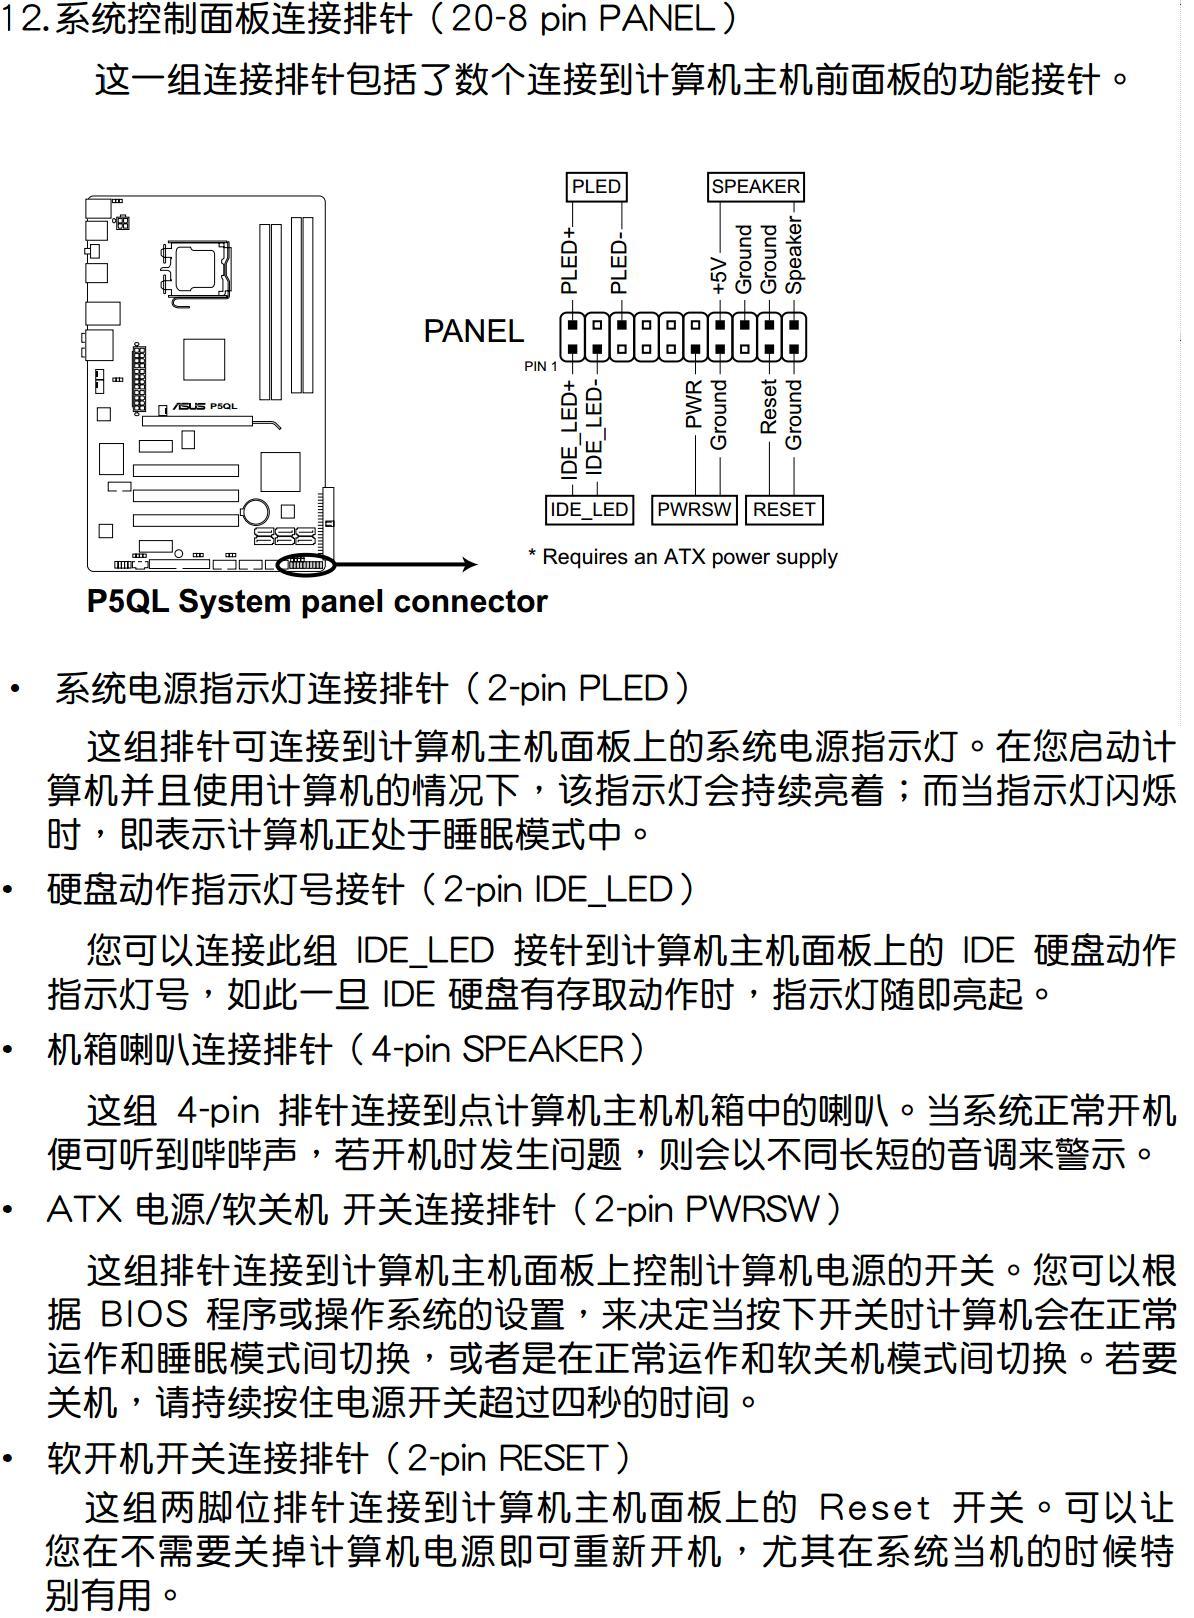 华硕p5ql主板接线图